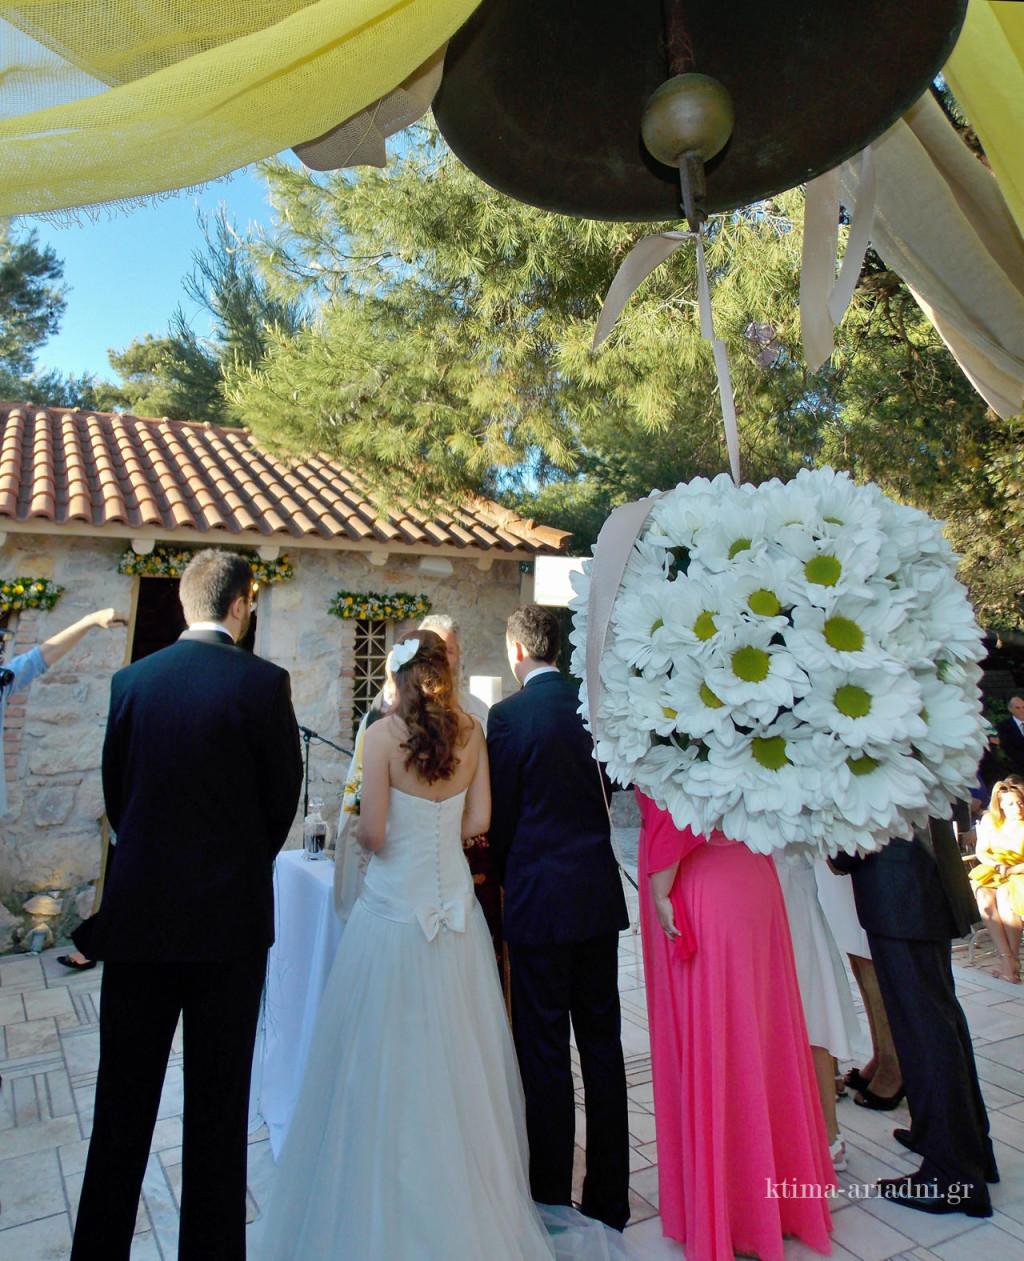 Μια λουλουδένια μπάλα από μαργαρίτες κρέμεται από την καμπάνα και προσθέτει μια ακόμα χαρούμενη πινελιά στον χώρο